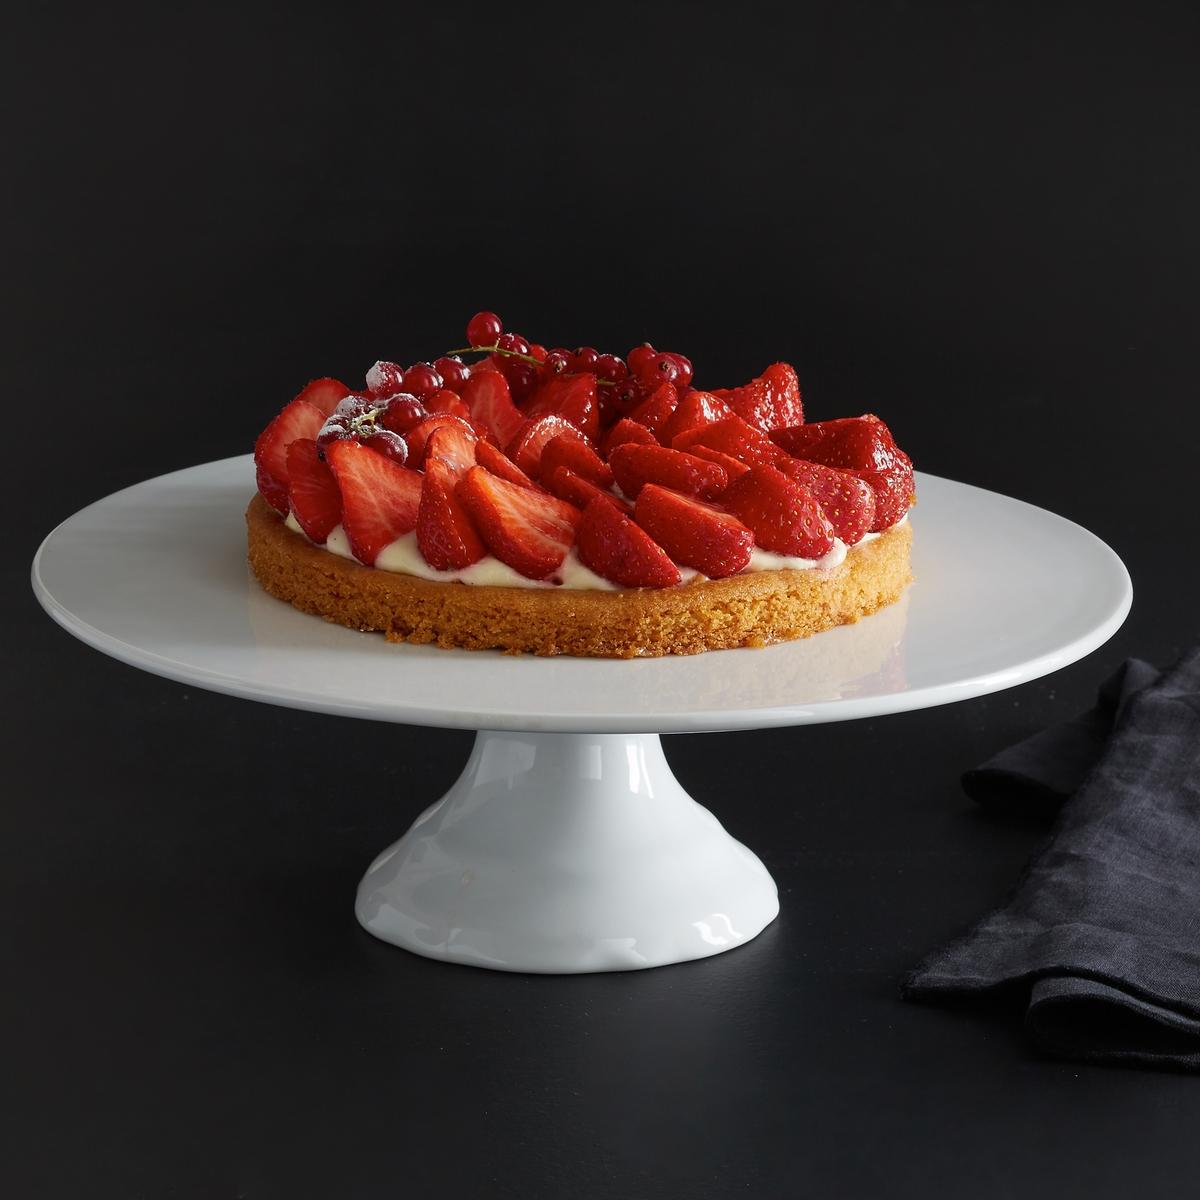 Блюдо на ножке для торта  из фарфораБлюдо на ножке для торта из фарфора  La redoute Int?rieurs  .  Классический стиль с гармоничными линиями и оригинальными выемками на ножке . Характеристики блюда на ножке для торта   :- Блюдо на ножке для торта  из фарфора - Диаметр : 30 см.. - Высота : 10 см.- Использование в посудомоечной машине и микроволновой печи запрещено<br><br>Цвет: белый<br>Размер: единый размер